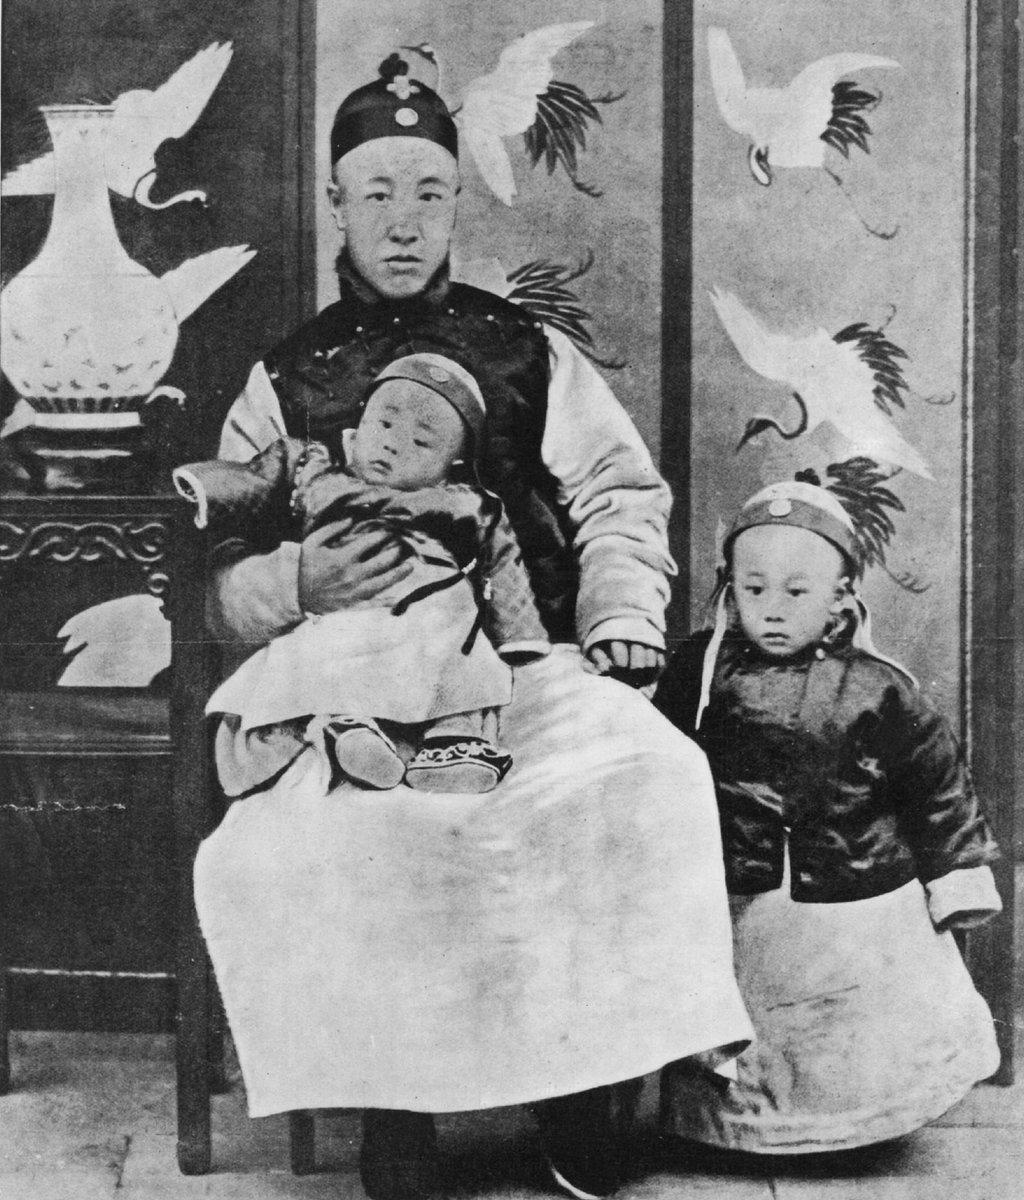 1909: Príncipe Chun, regente y controlador de la Nación, con su hijo menor de rodillas y Puyi (1906-1967) Emperador de China, a su lado.